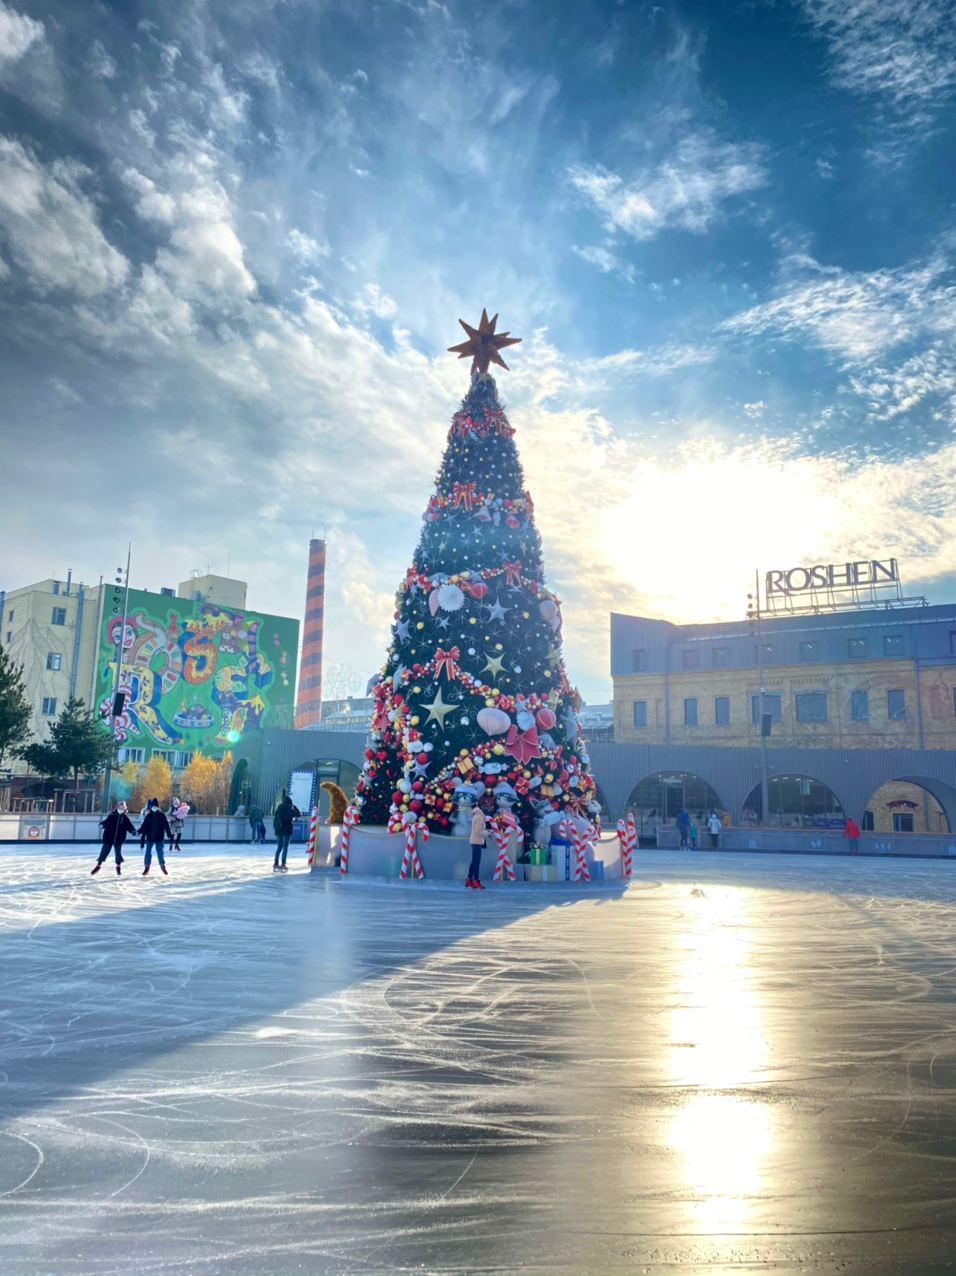 Roshen winter village дубай работа для девушек русских вакансии